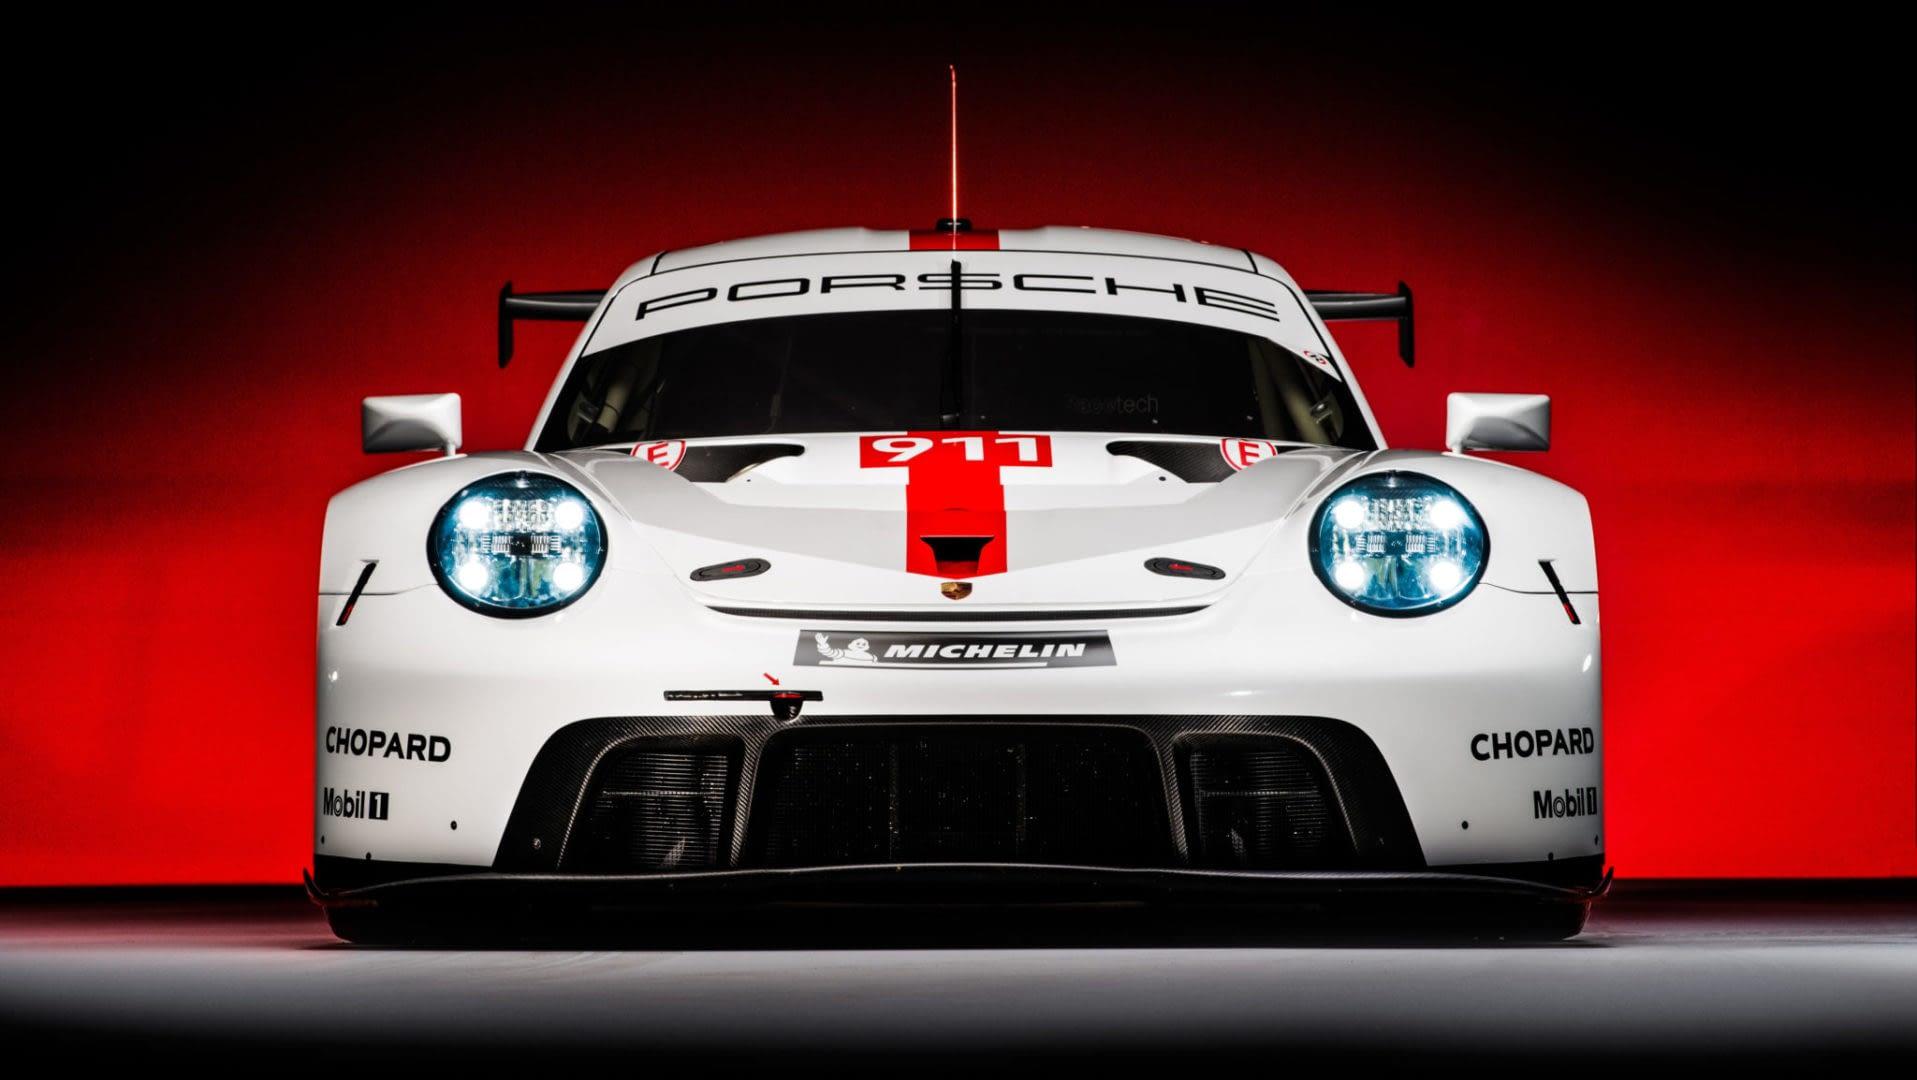 2020 Porsche 911 RSR